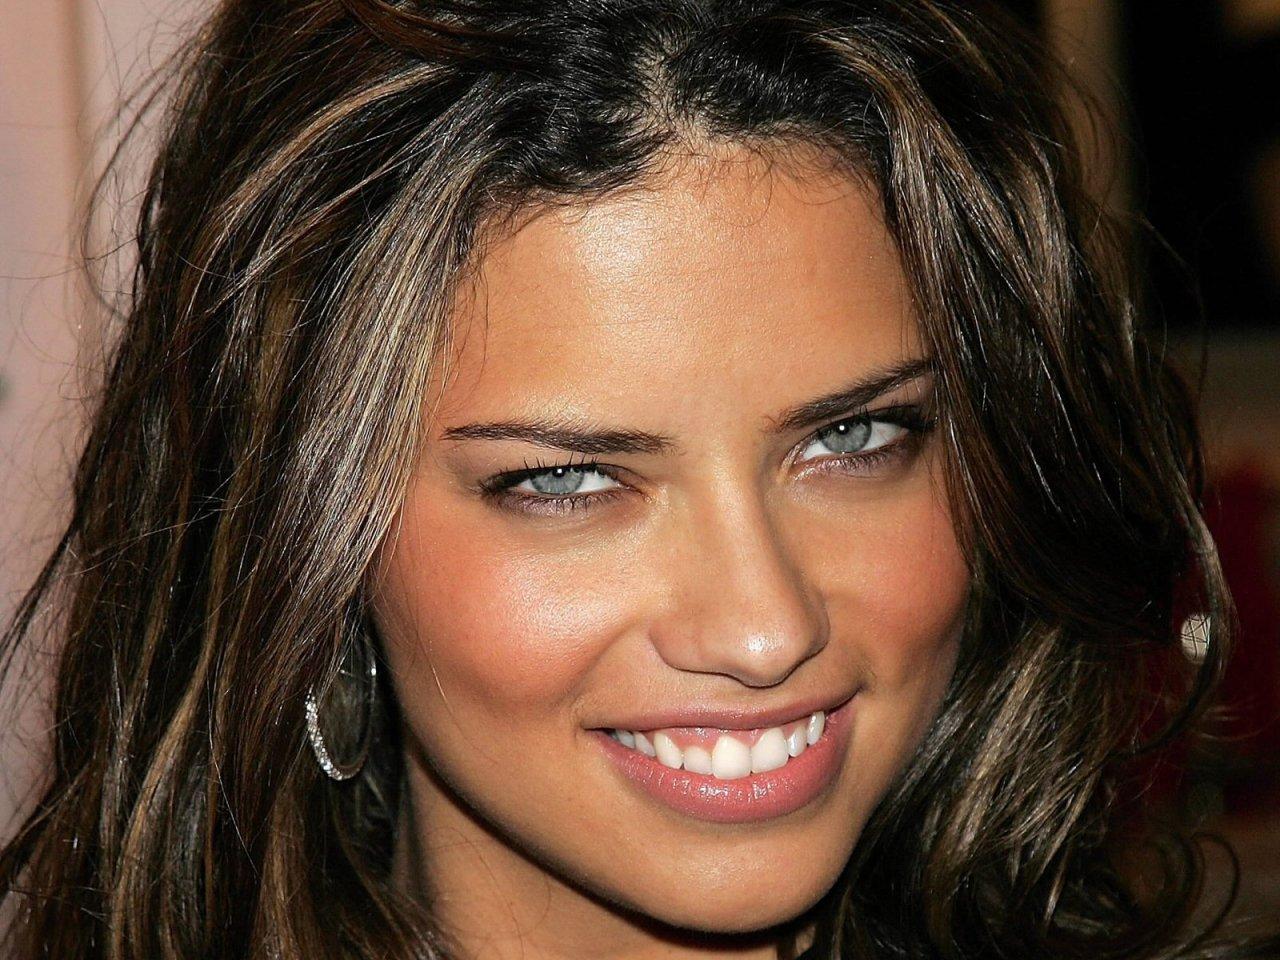 Самые красивые девушки мира фото 18 13 фотография